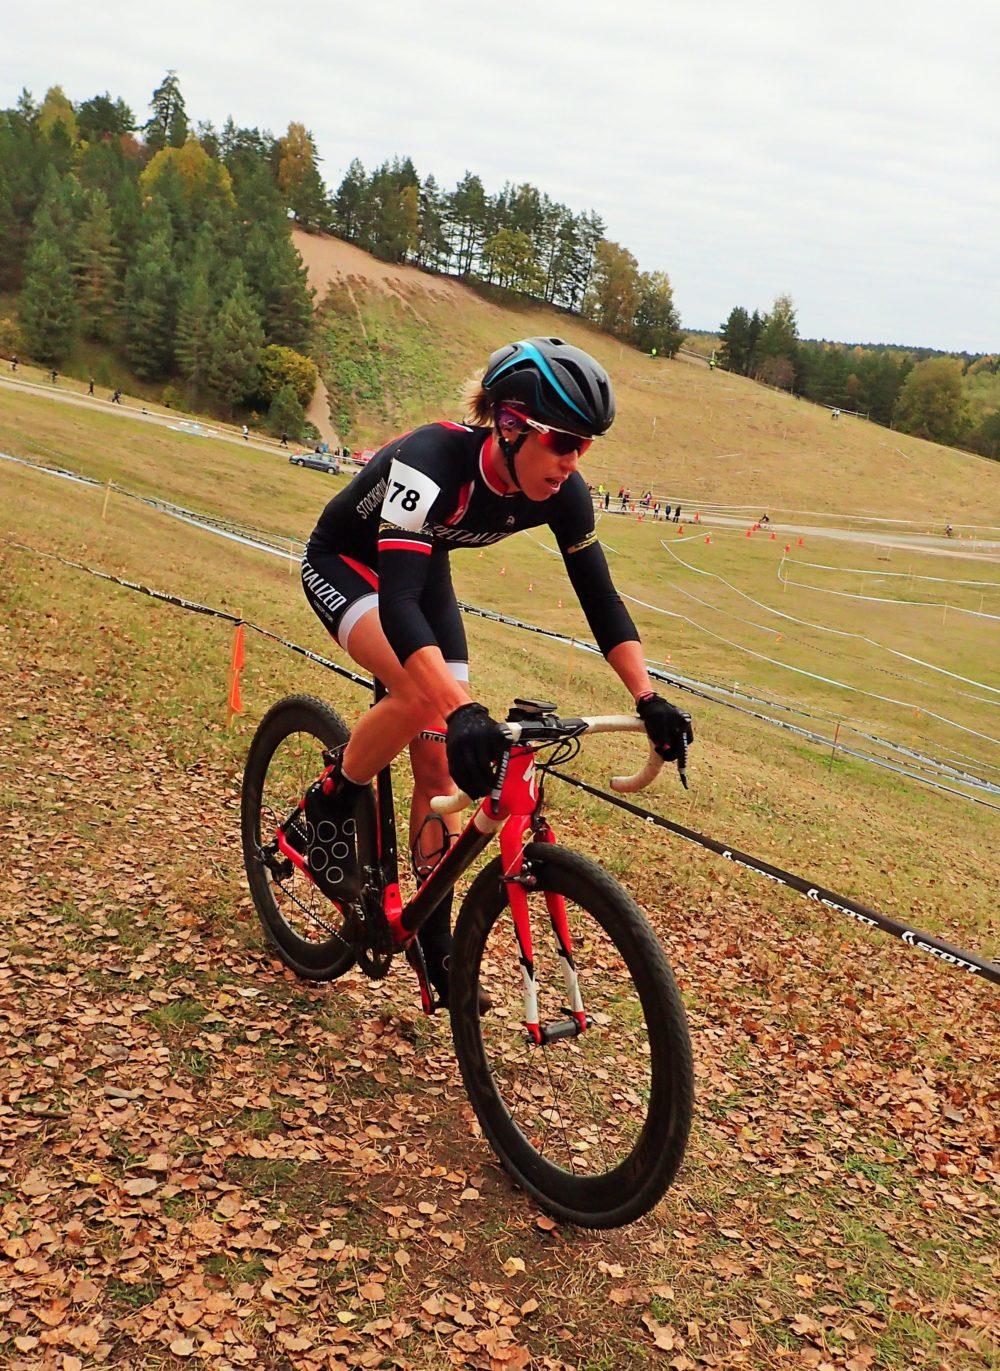 Supercoola triathleten och OS-medaljören Lisa Nordén är också en duktig CX-cyklist! Här kör hon på banan i Sunnersta under tjejernas elitrace.